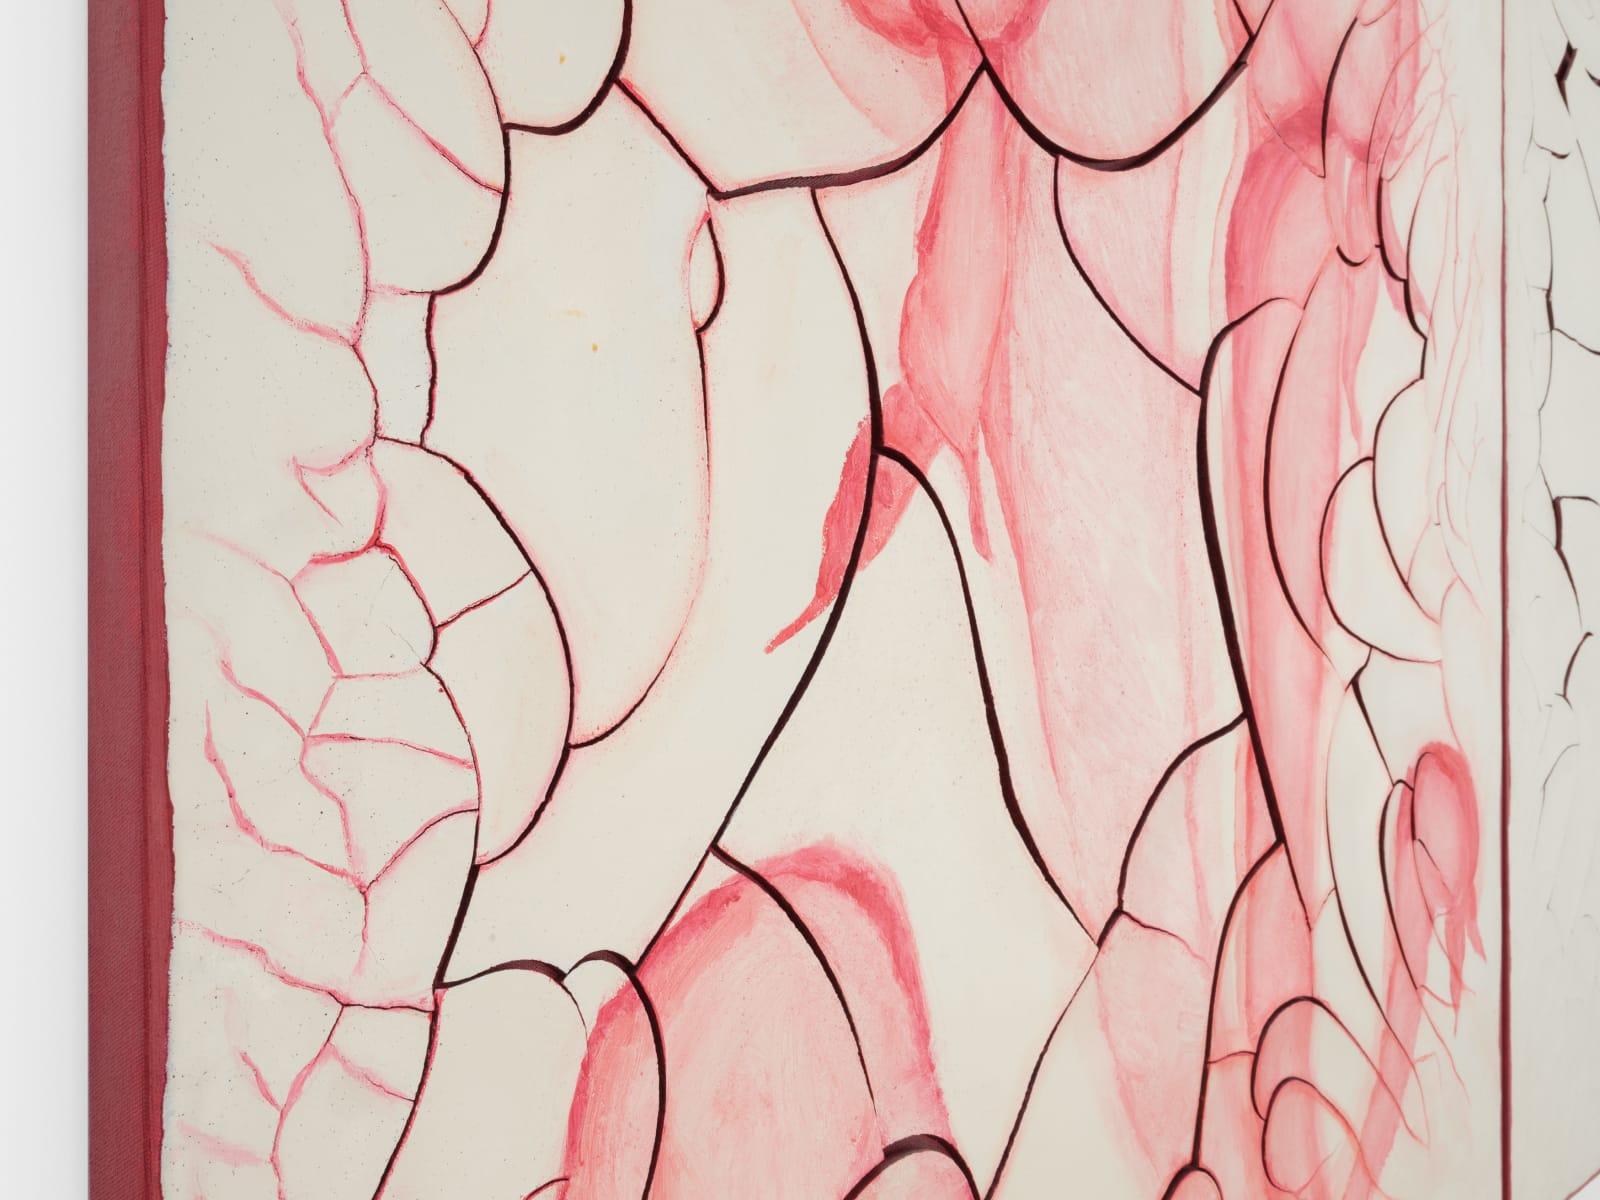 Detail of 'Adriana Varejão, Carnívoras Brancas [White carnivorous], 2012'